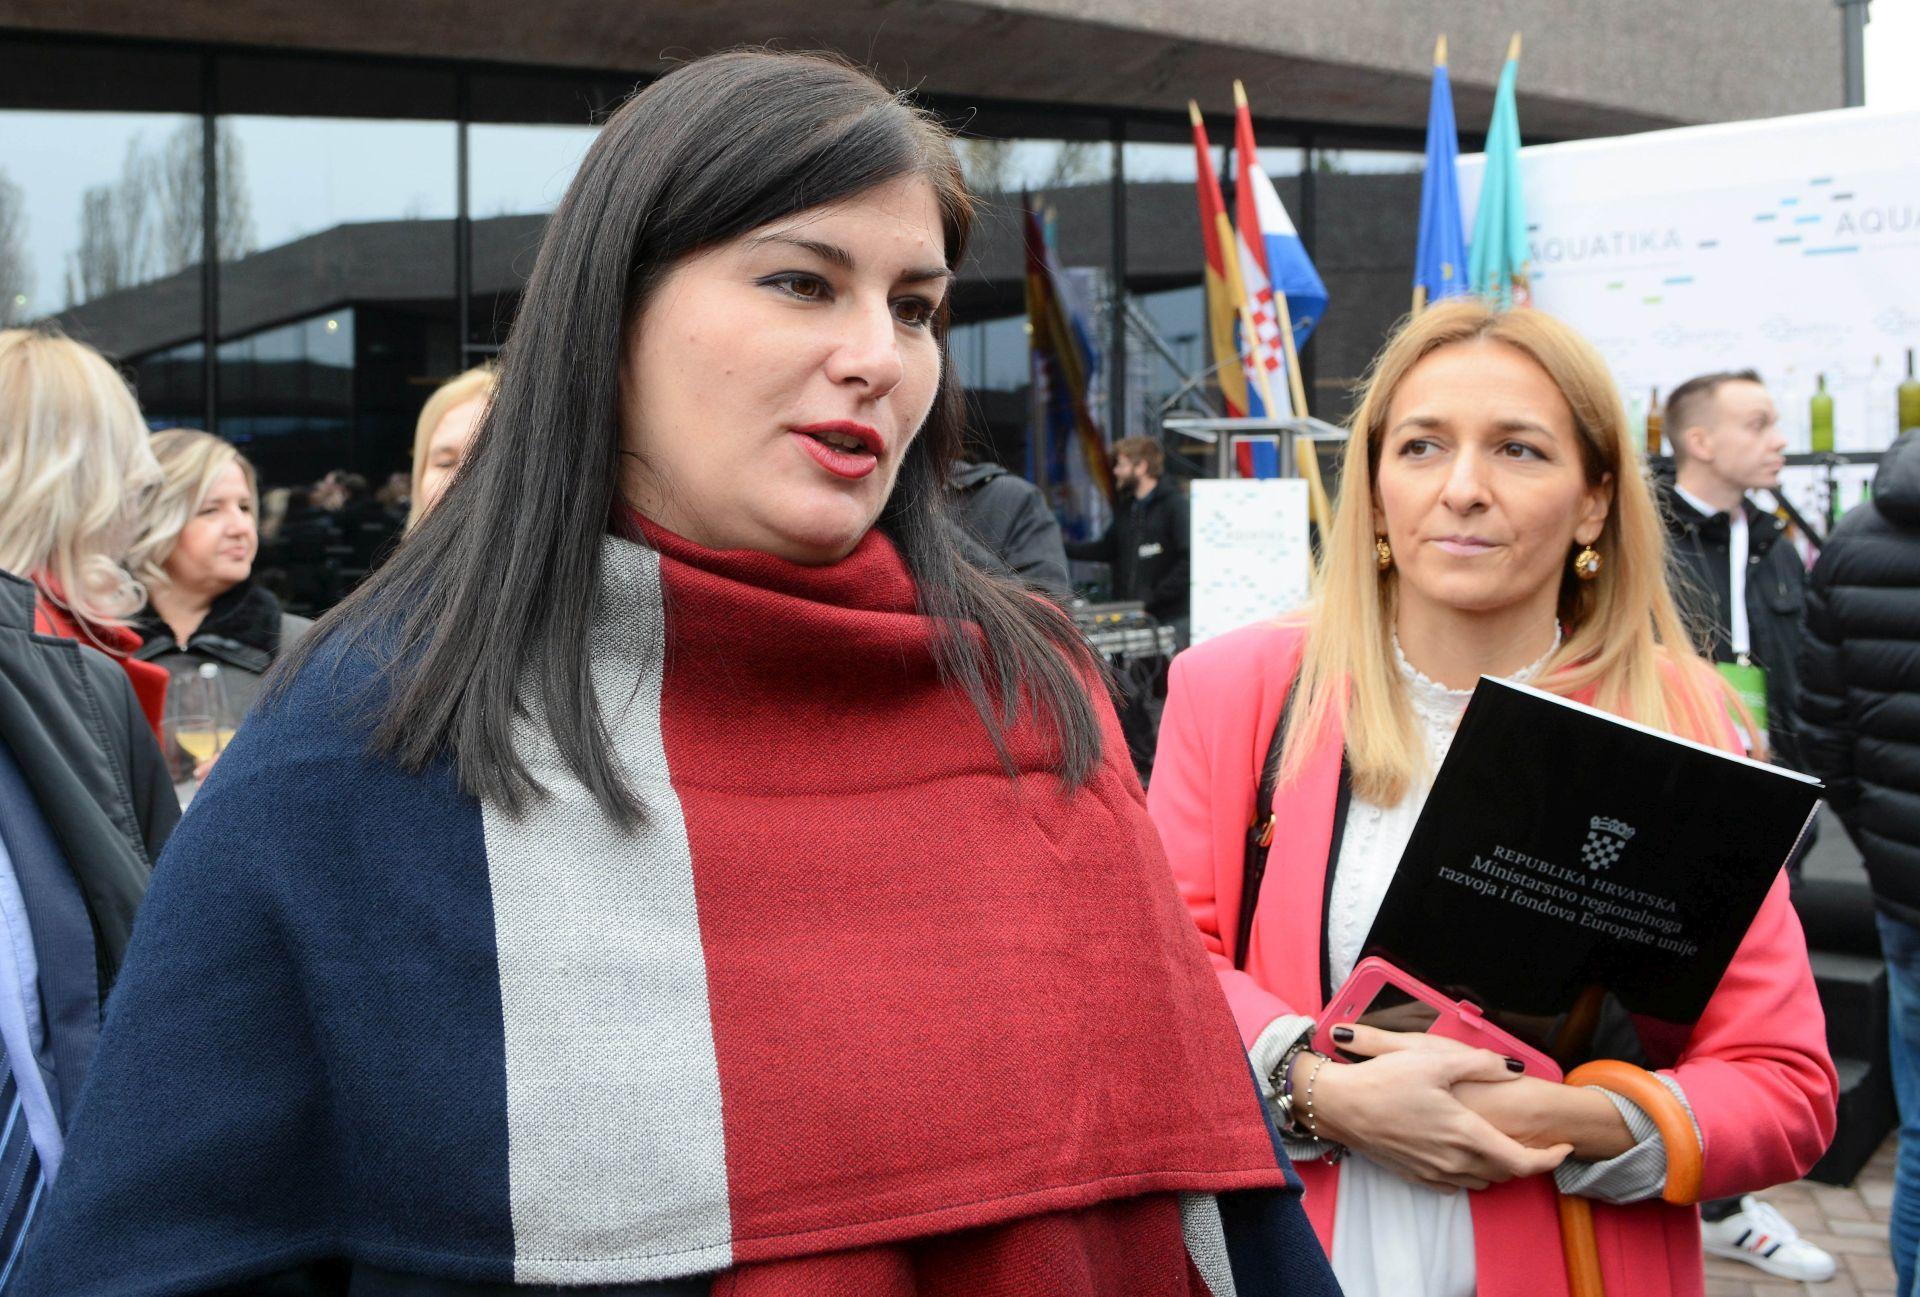 LEADER: Za rurarni razvoj protiv procedura štetnih za Hrvatsku